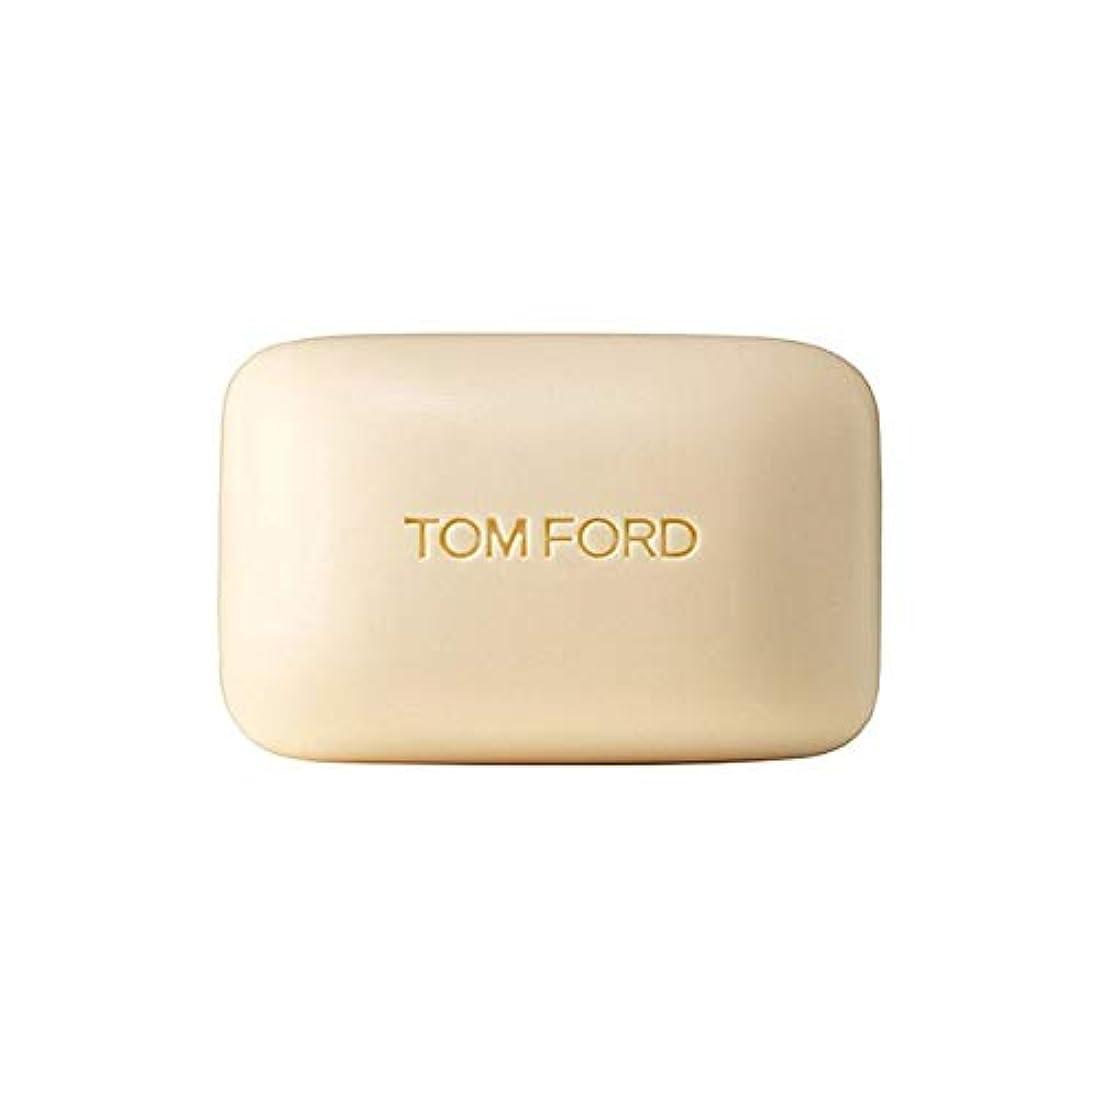 外国人フェンスシニス[Tom Ford] トムフォードジャスミンルージュソープバー150グラム - Tom Ford Jasmin Rouge Soap Bar 150G [並行輸入品]